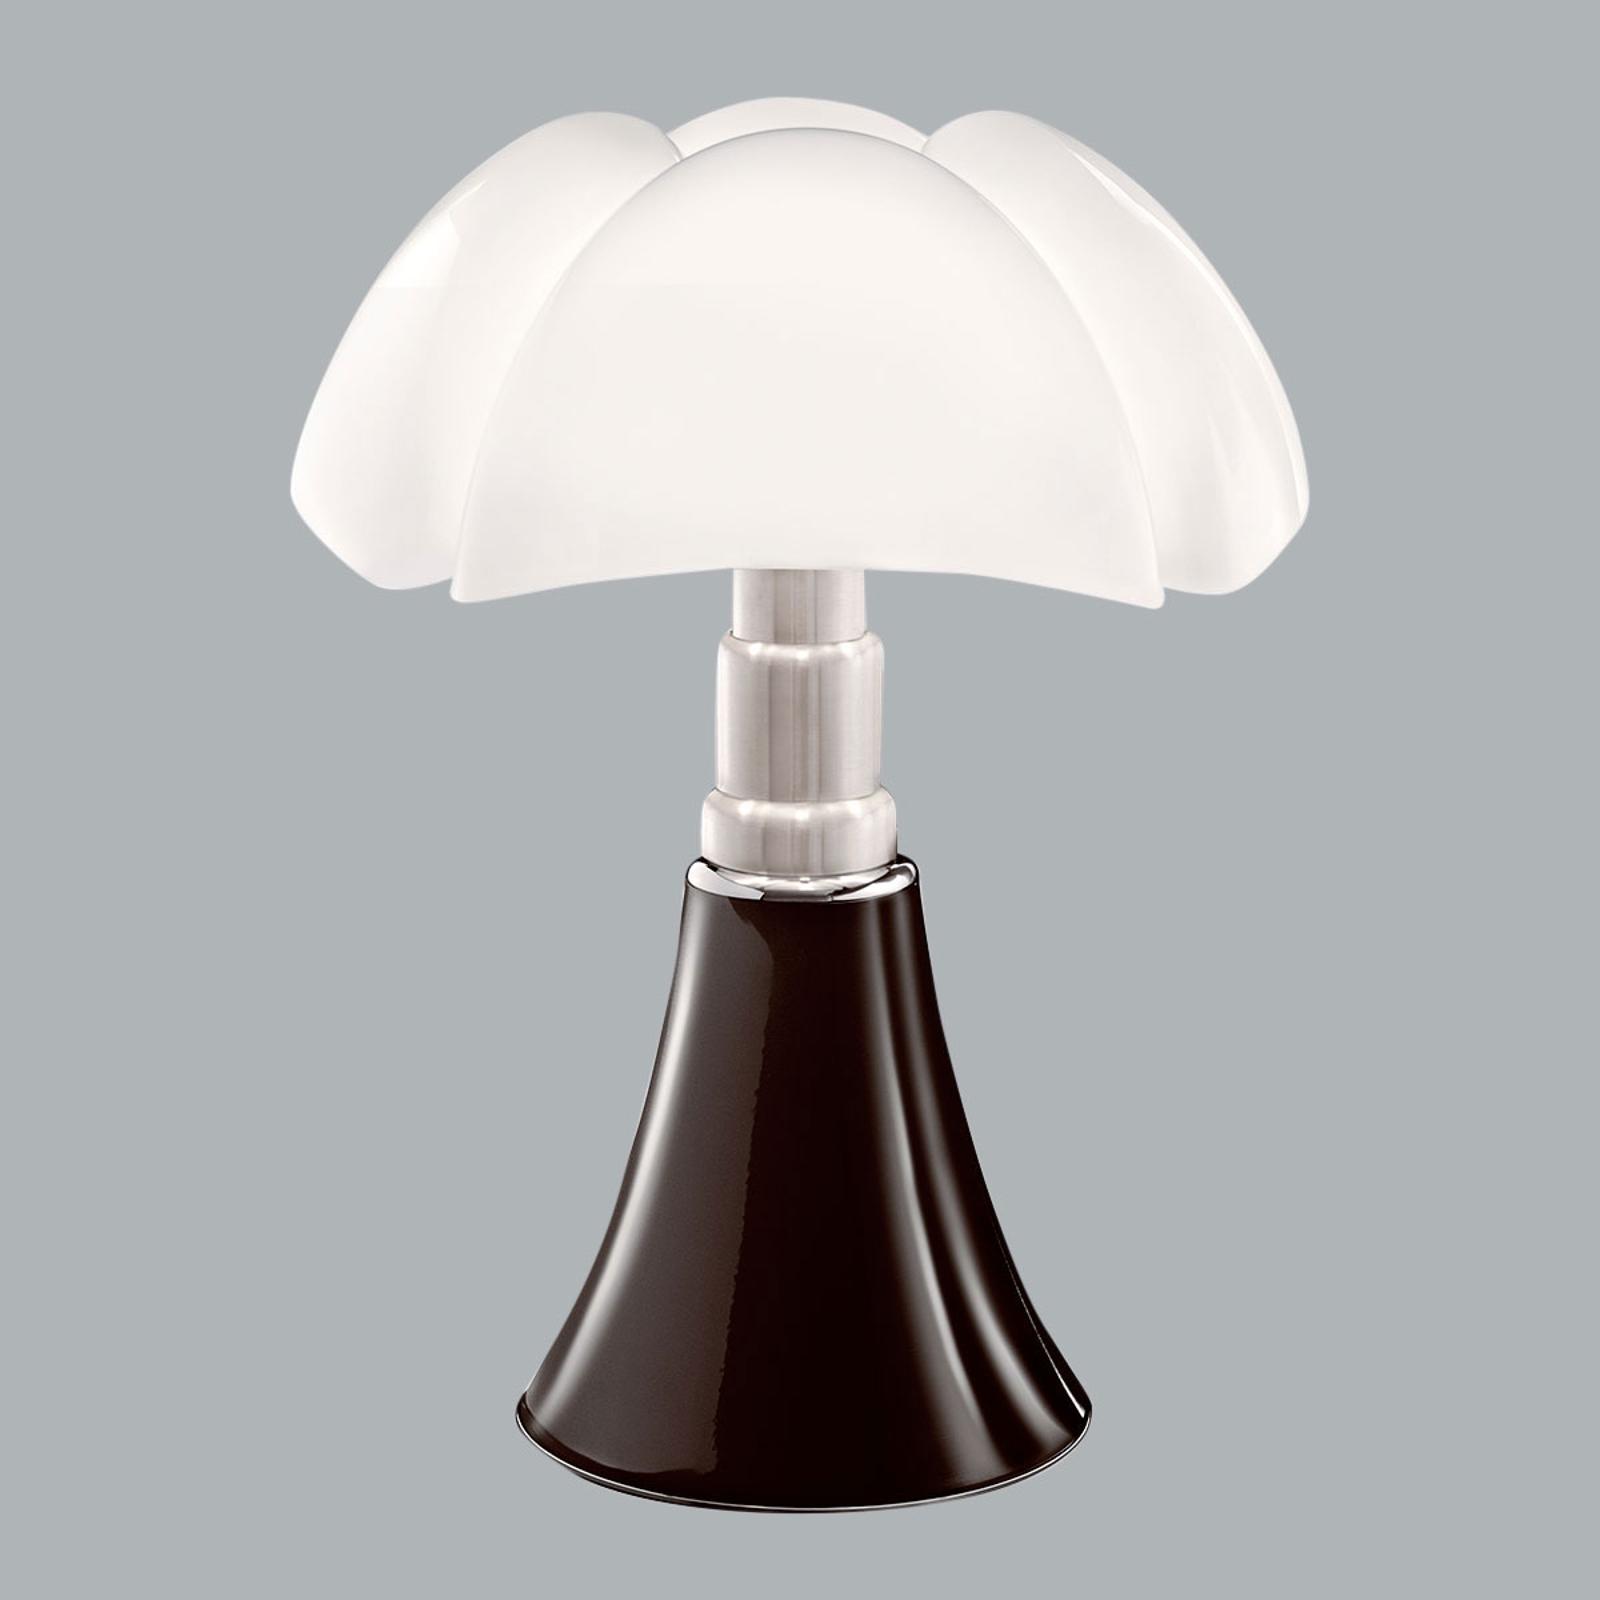 Martinelli Luce Minipipistrello tafellamp bruin